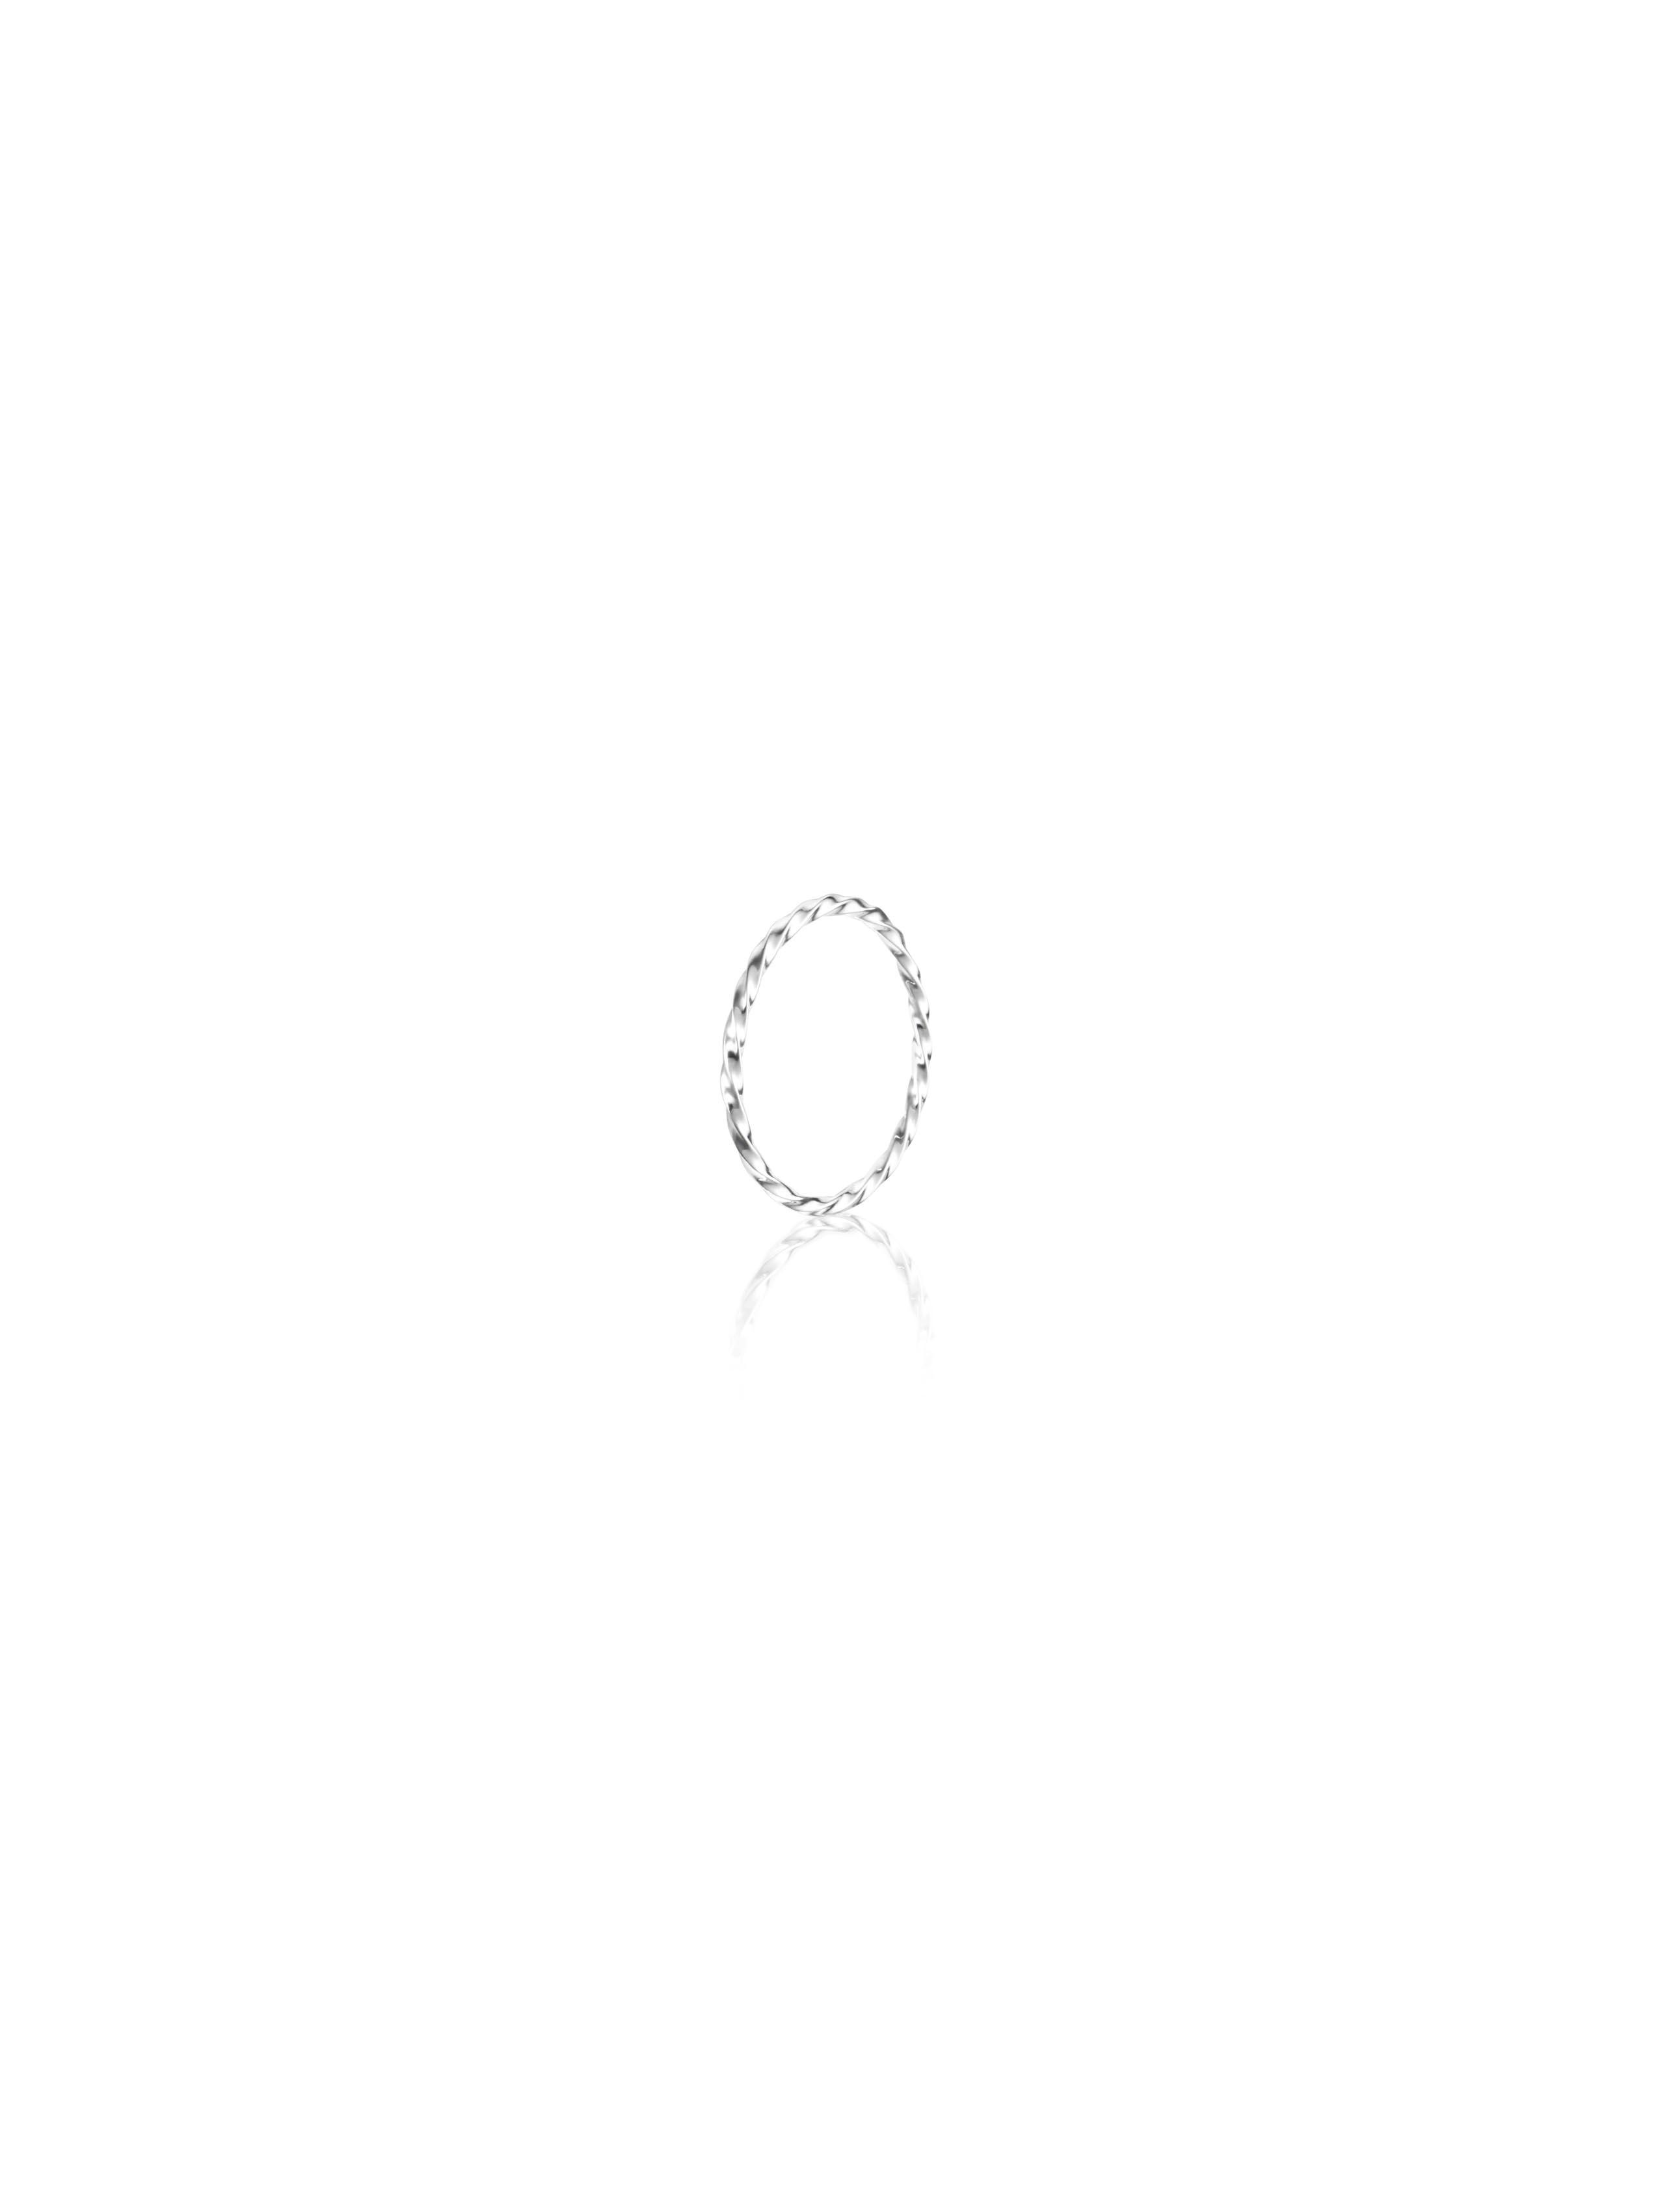 Efva Attling Twisted Orbit Plain Ring